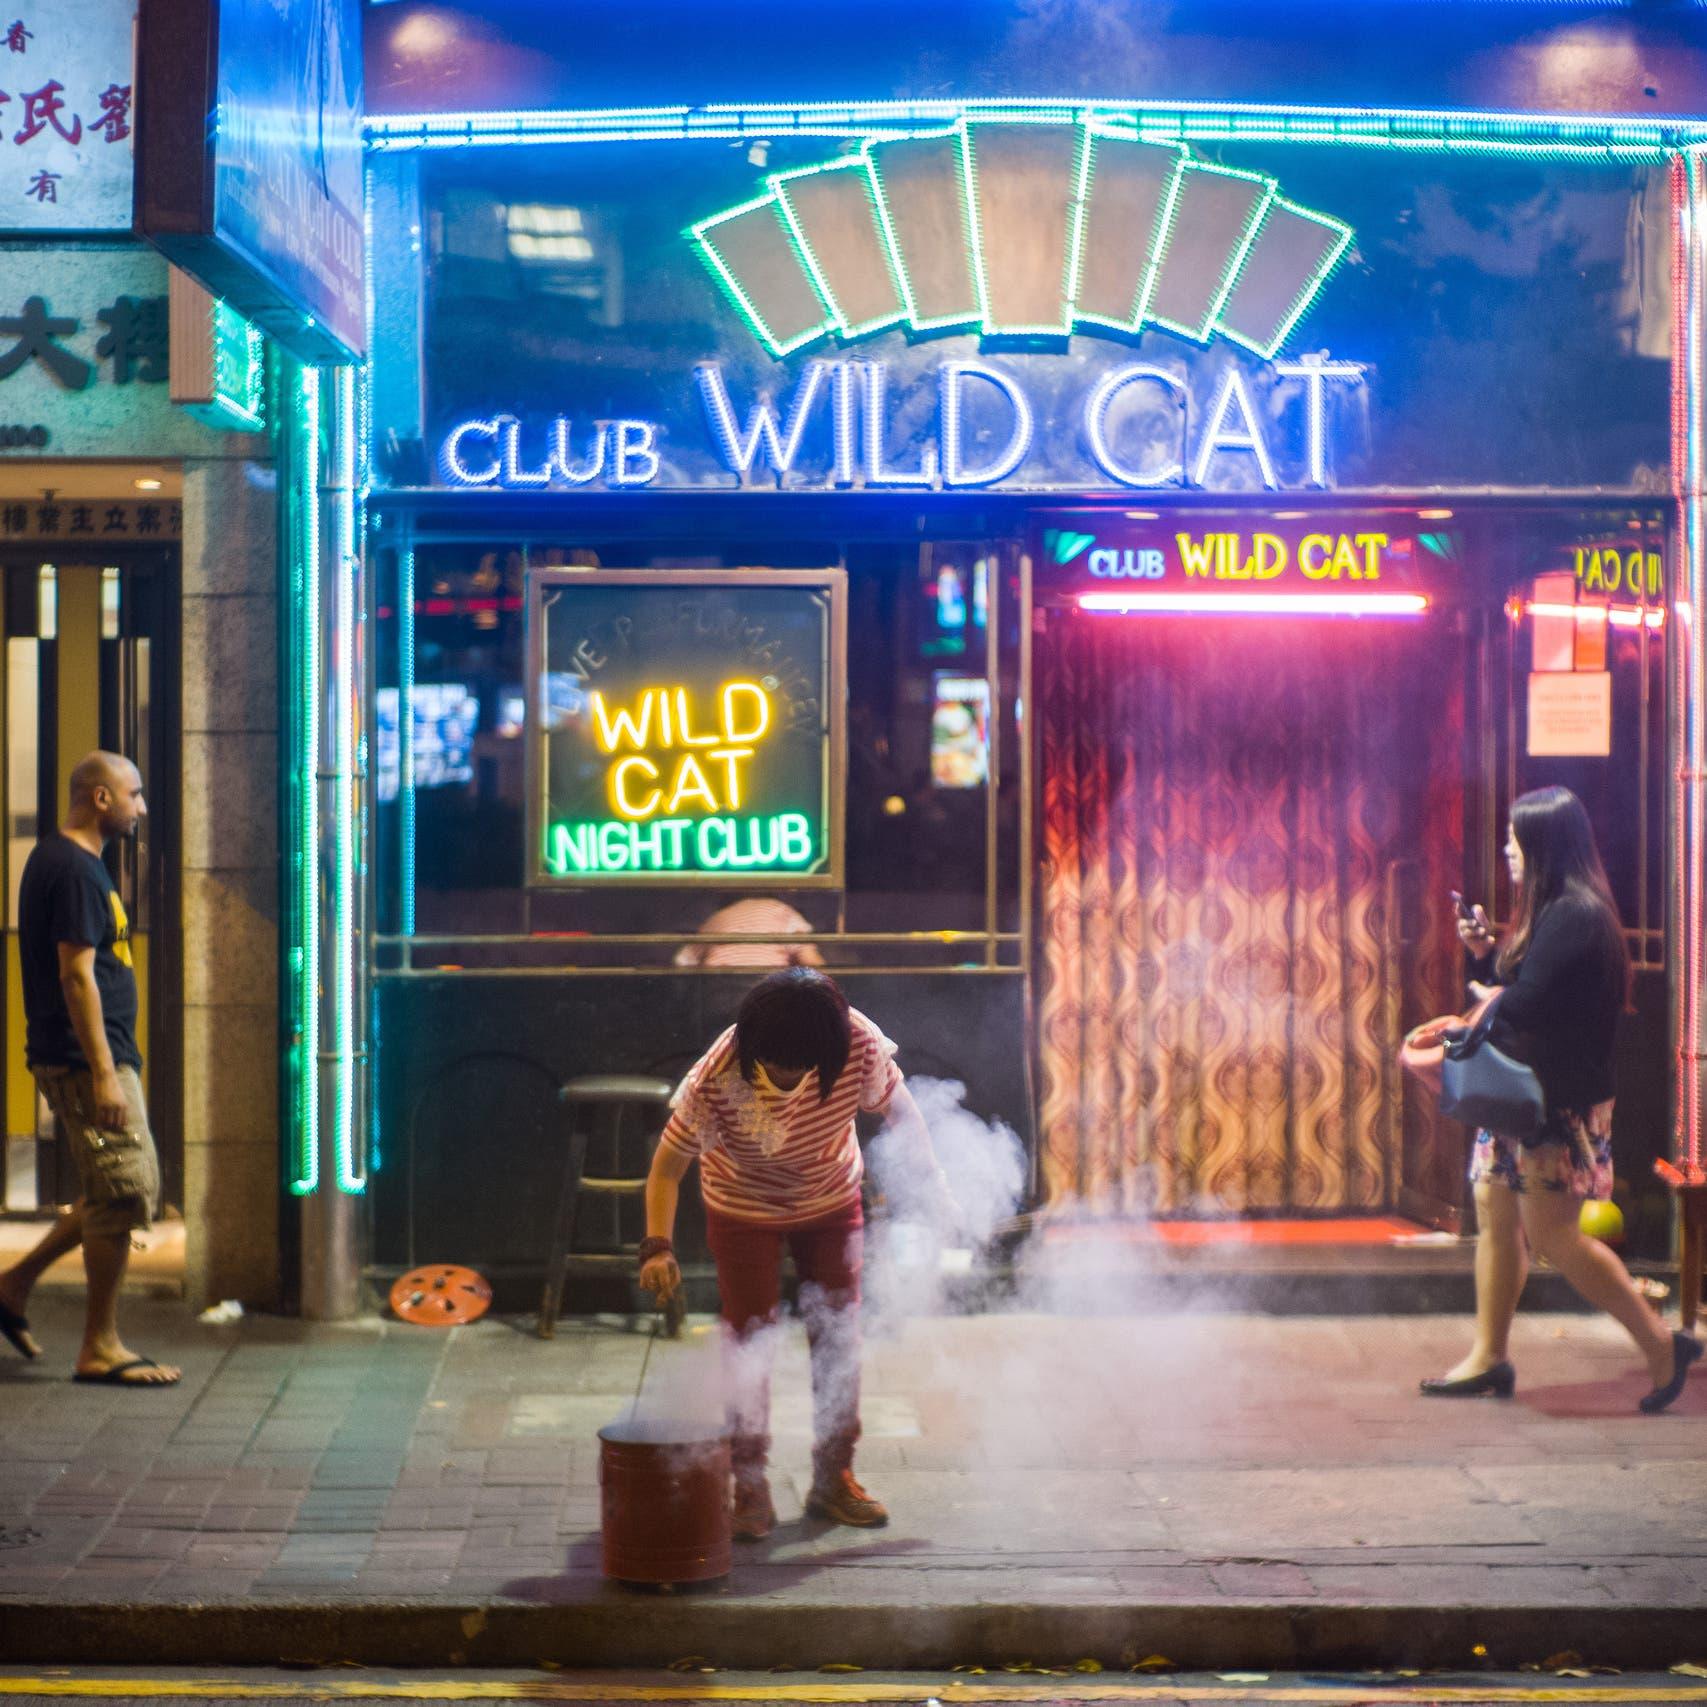 رقص مع المطهرات.. الملاهي الليلية تعود لنشاطها بالصين